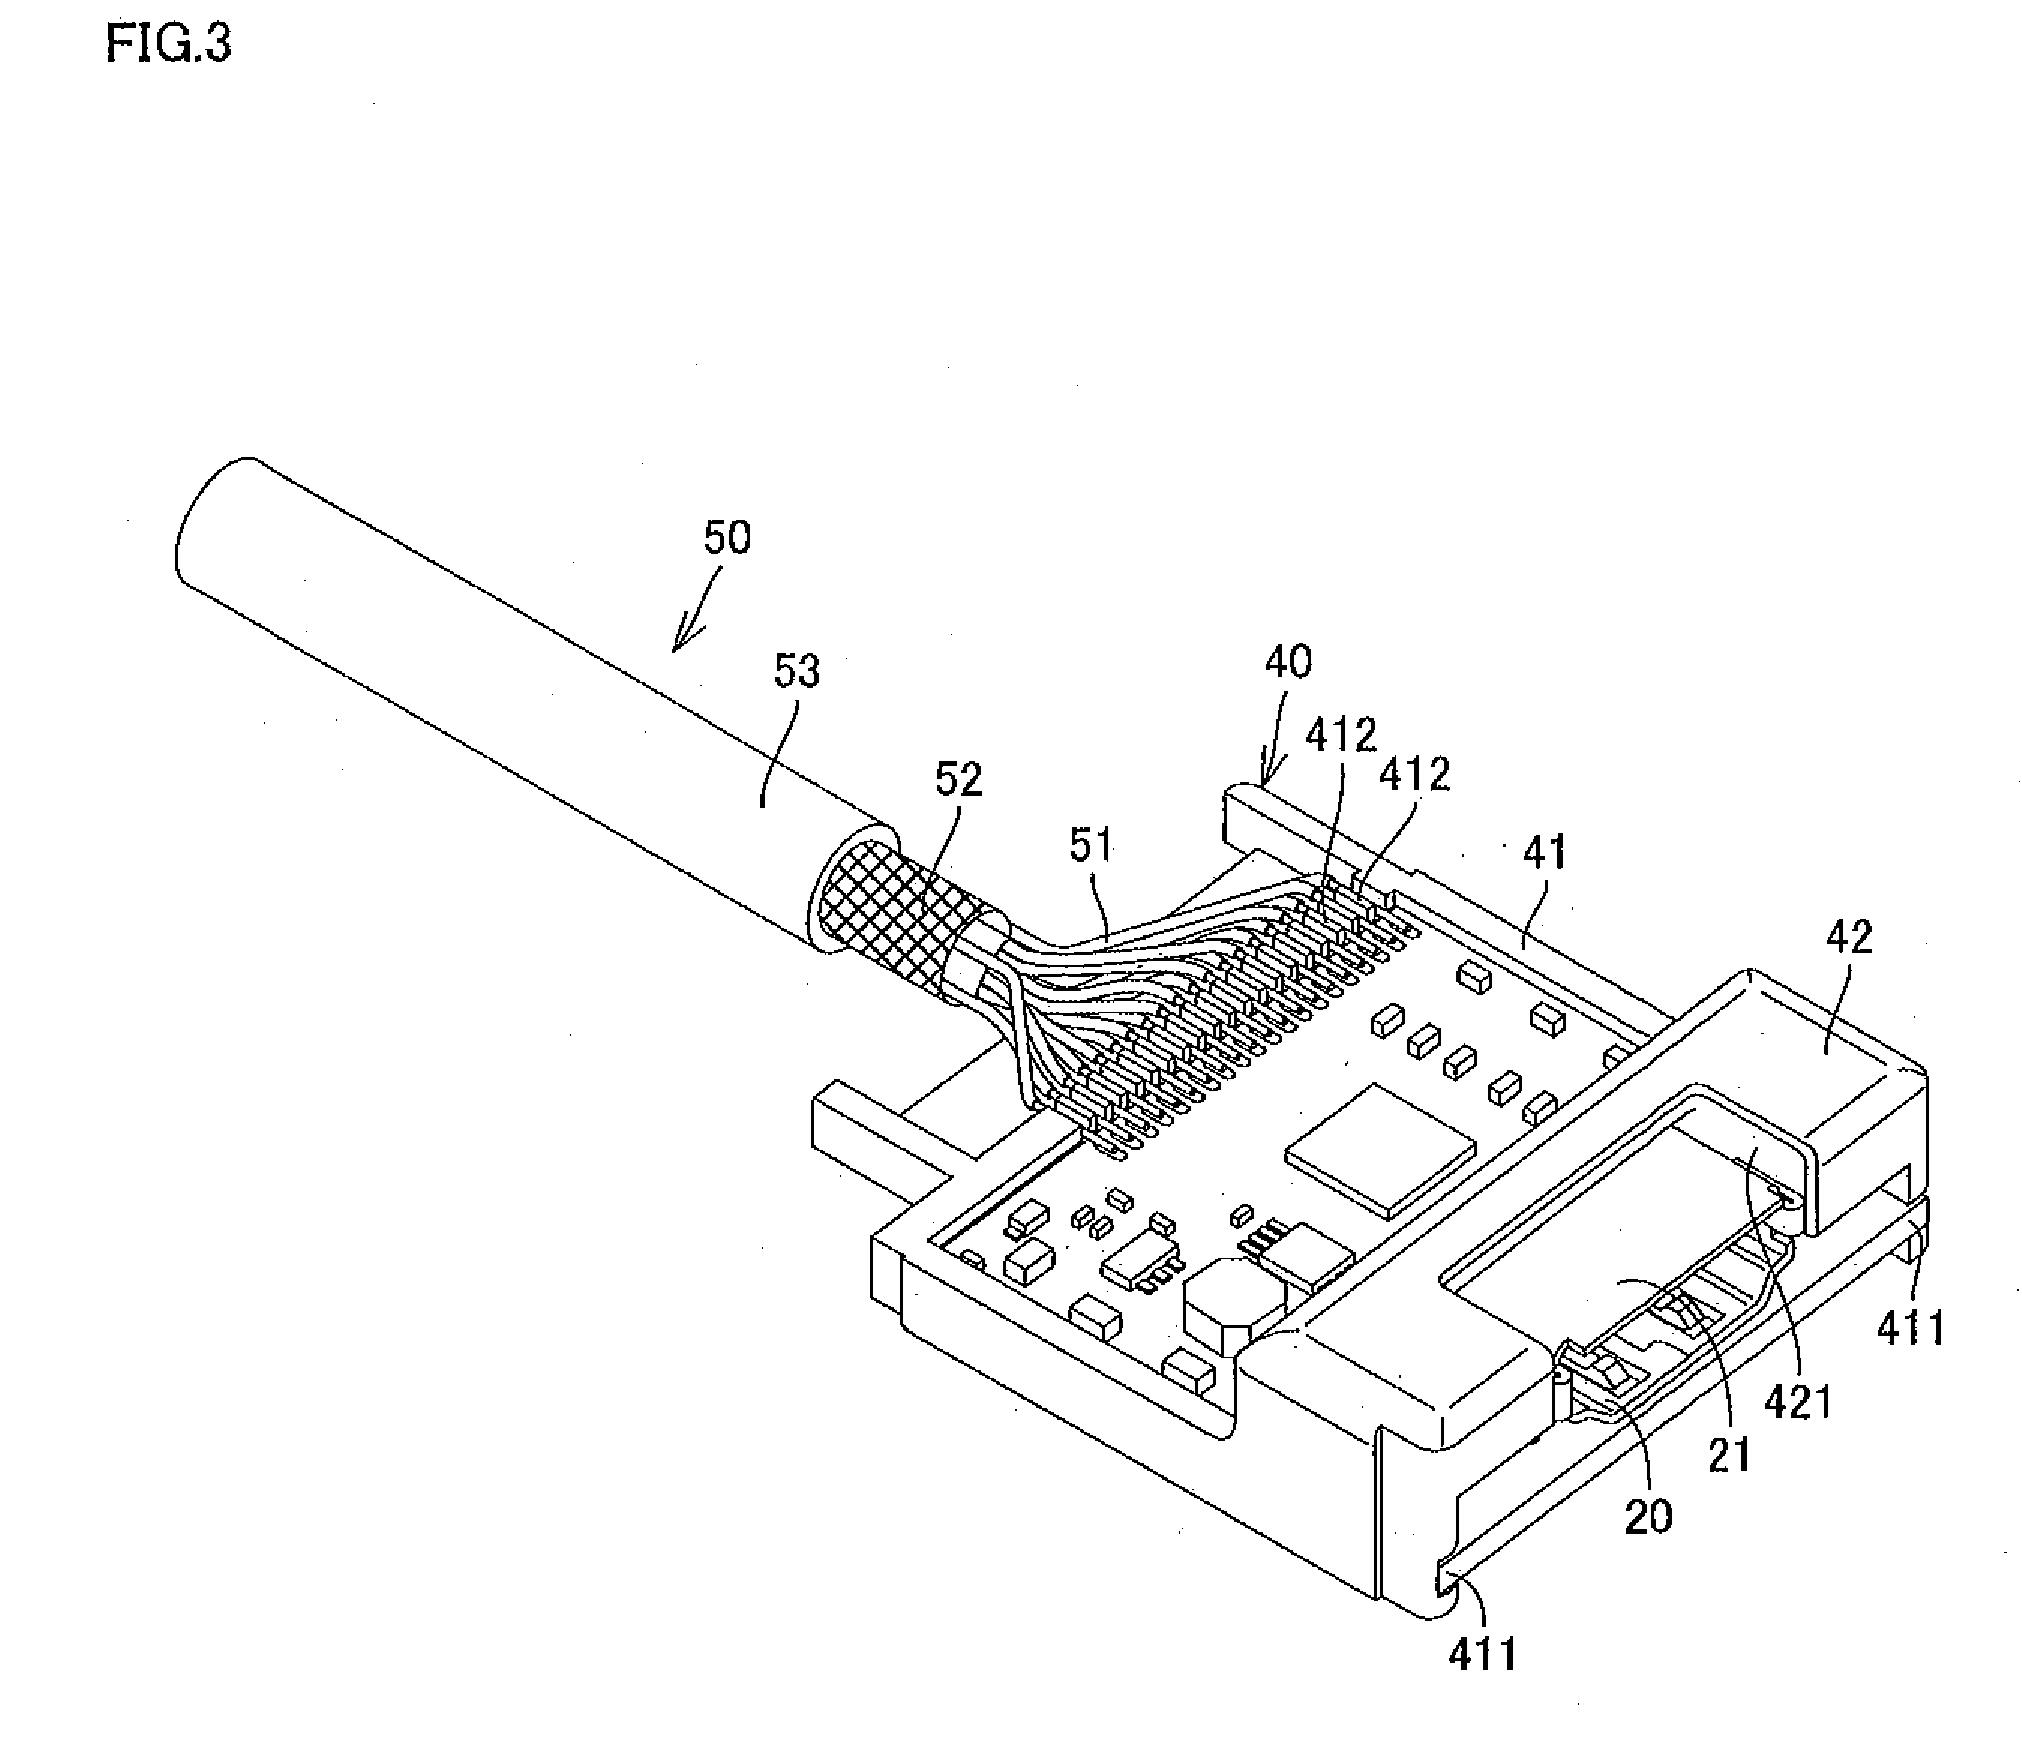 assembling custom printed circuit boards